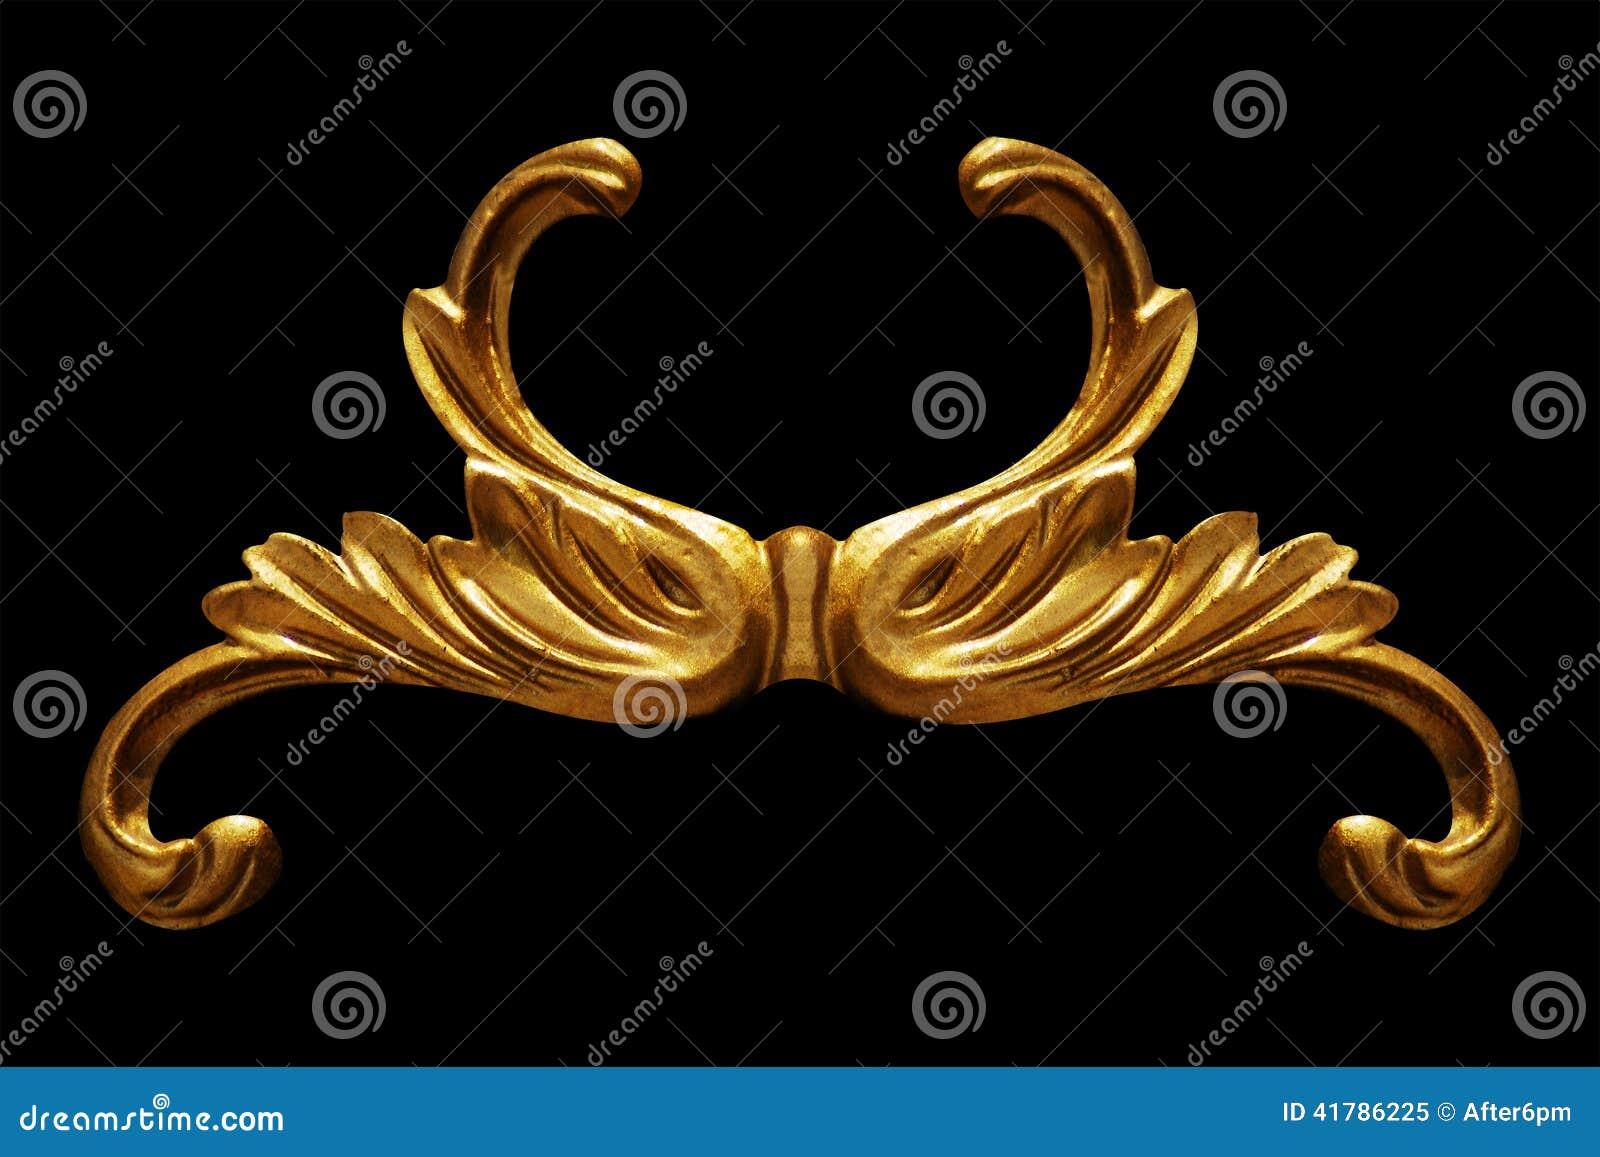 装饰品元素,葡萄酒金子花卉设计